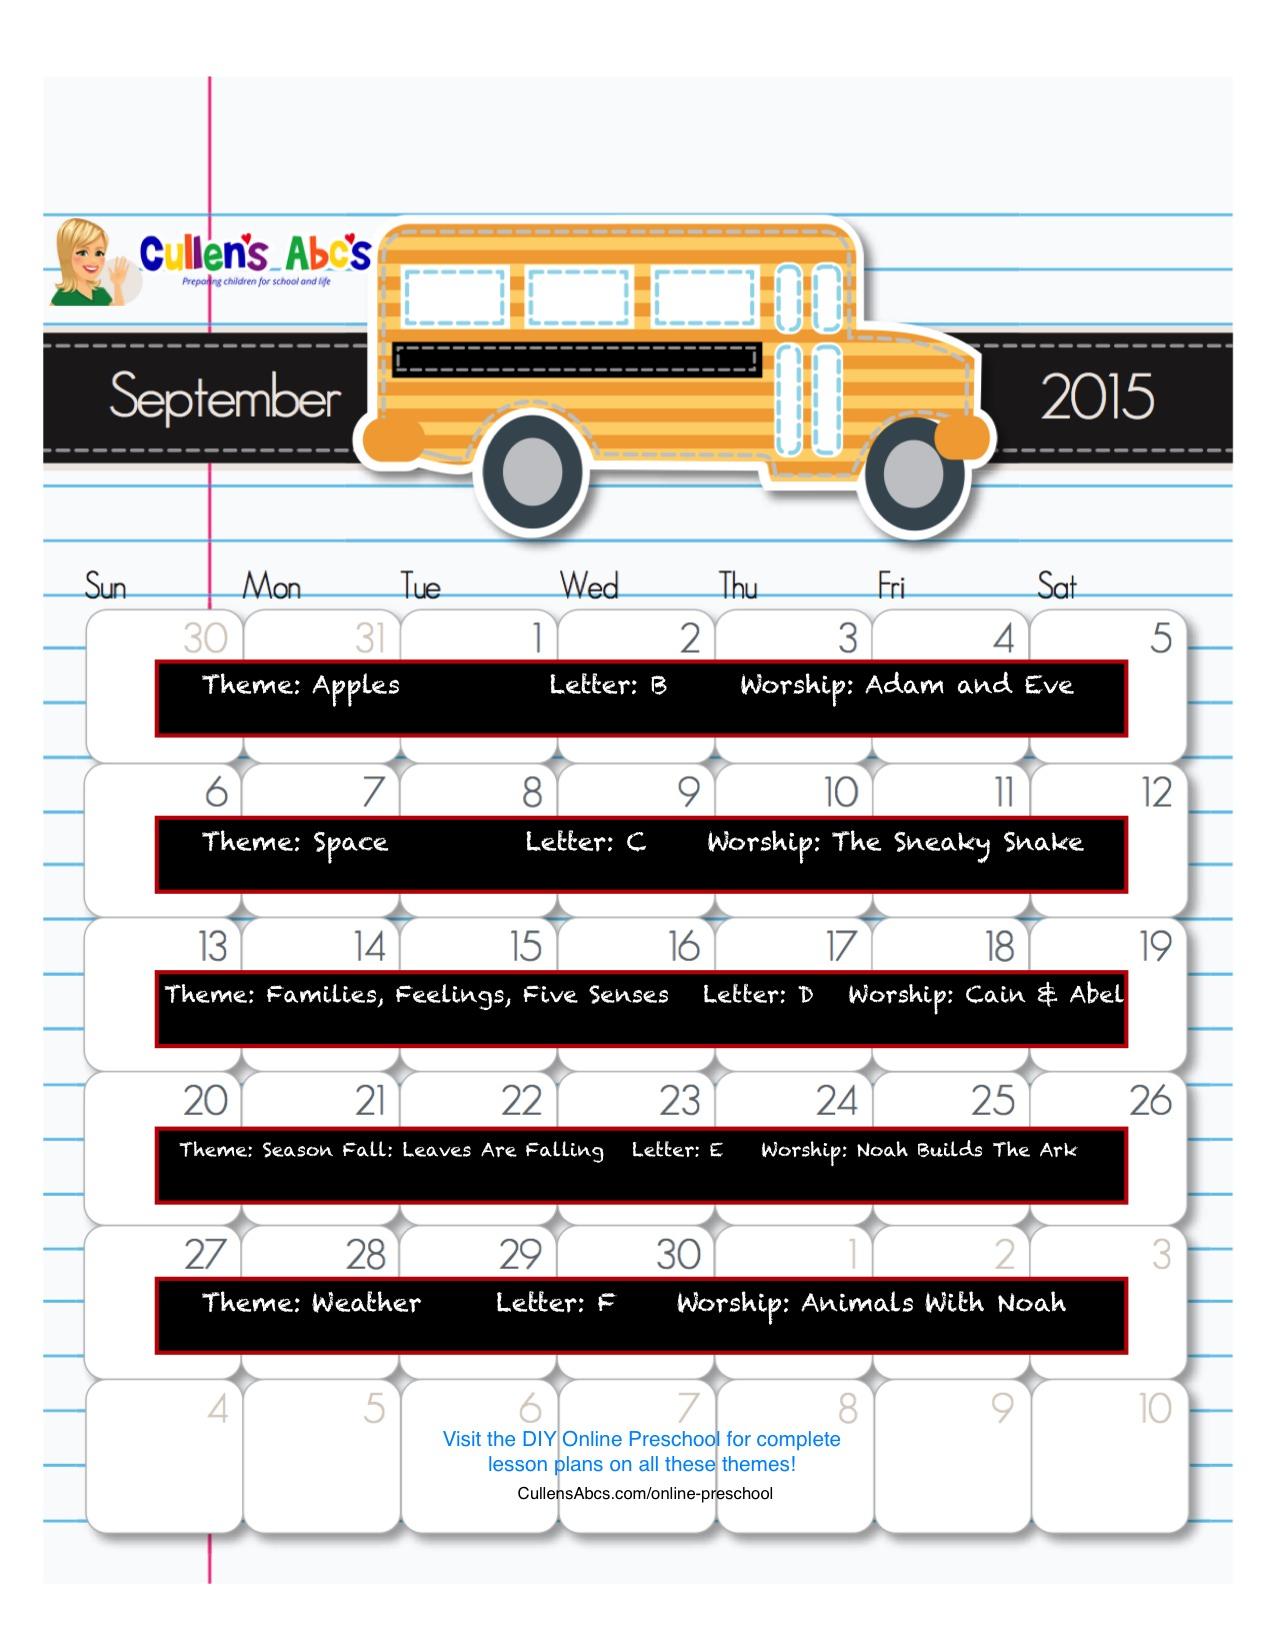 September Online Preschool Calendar 2015